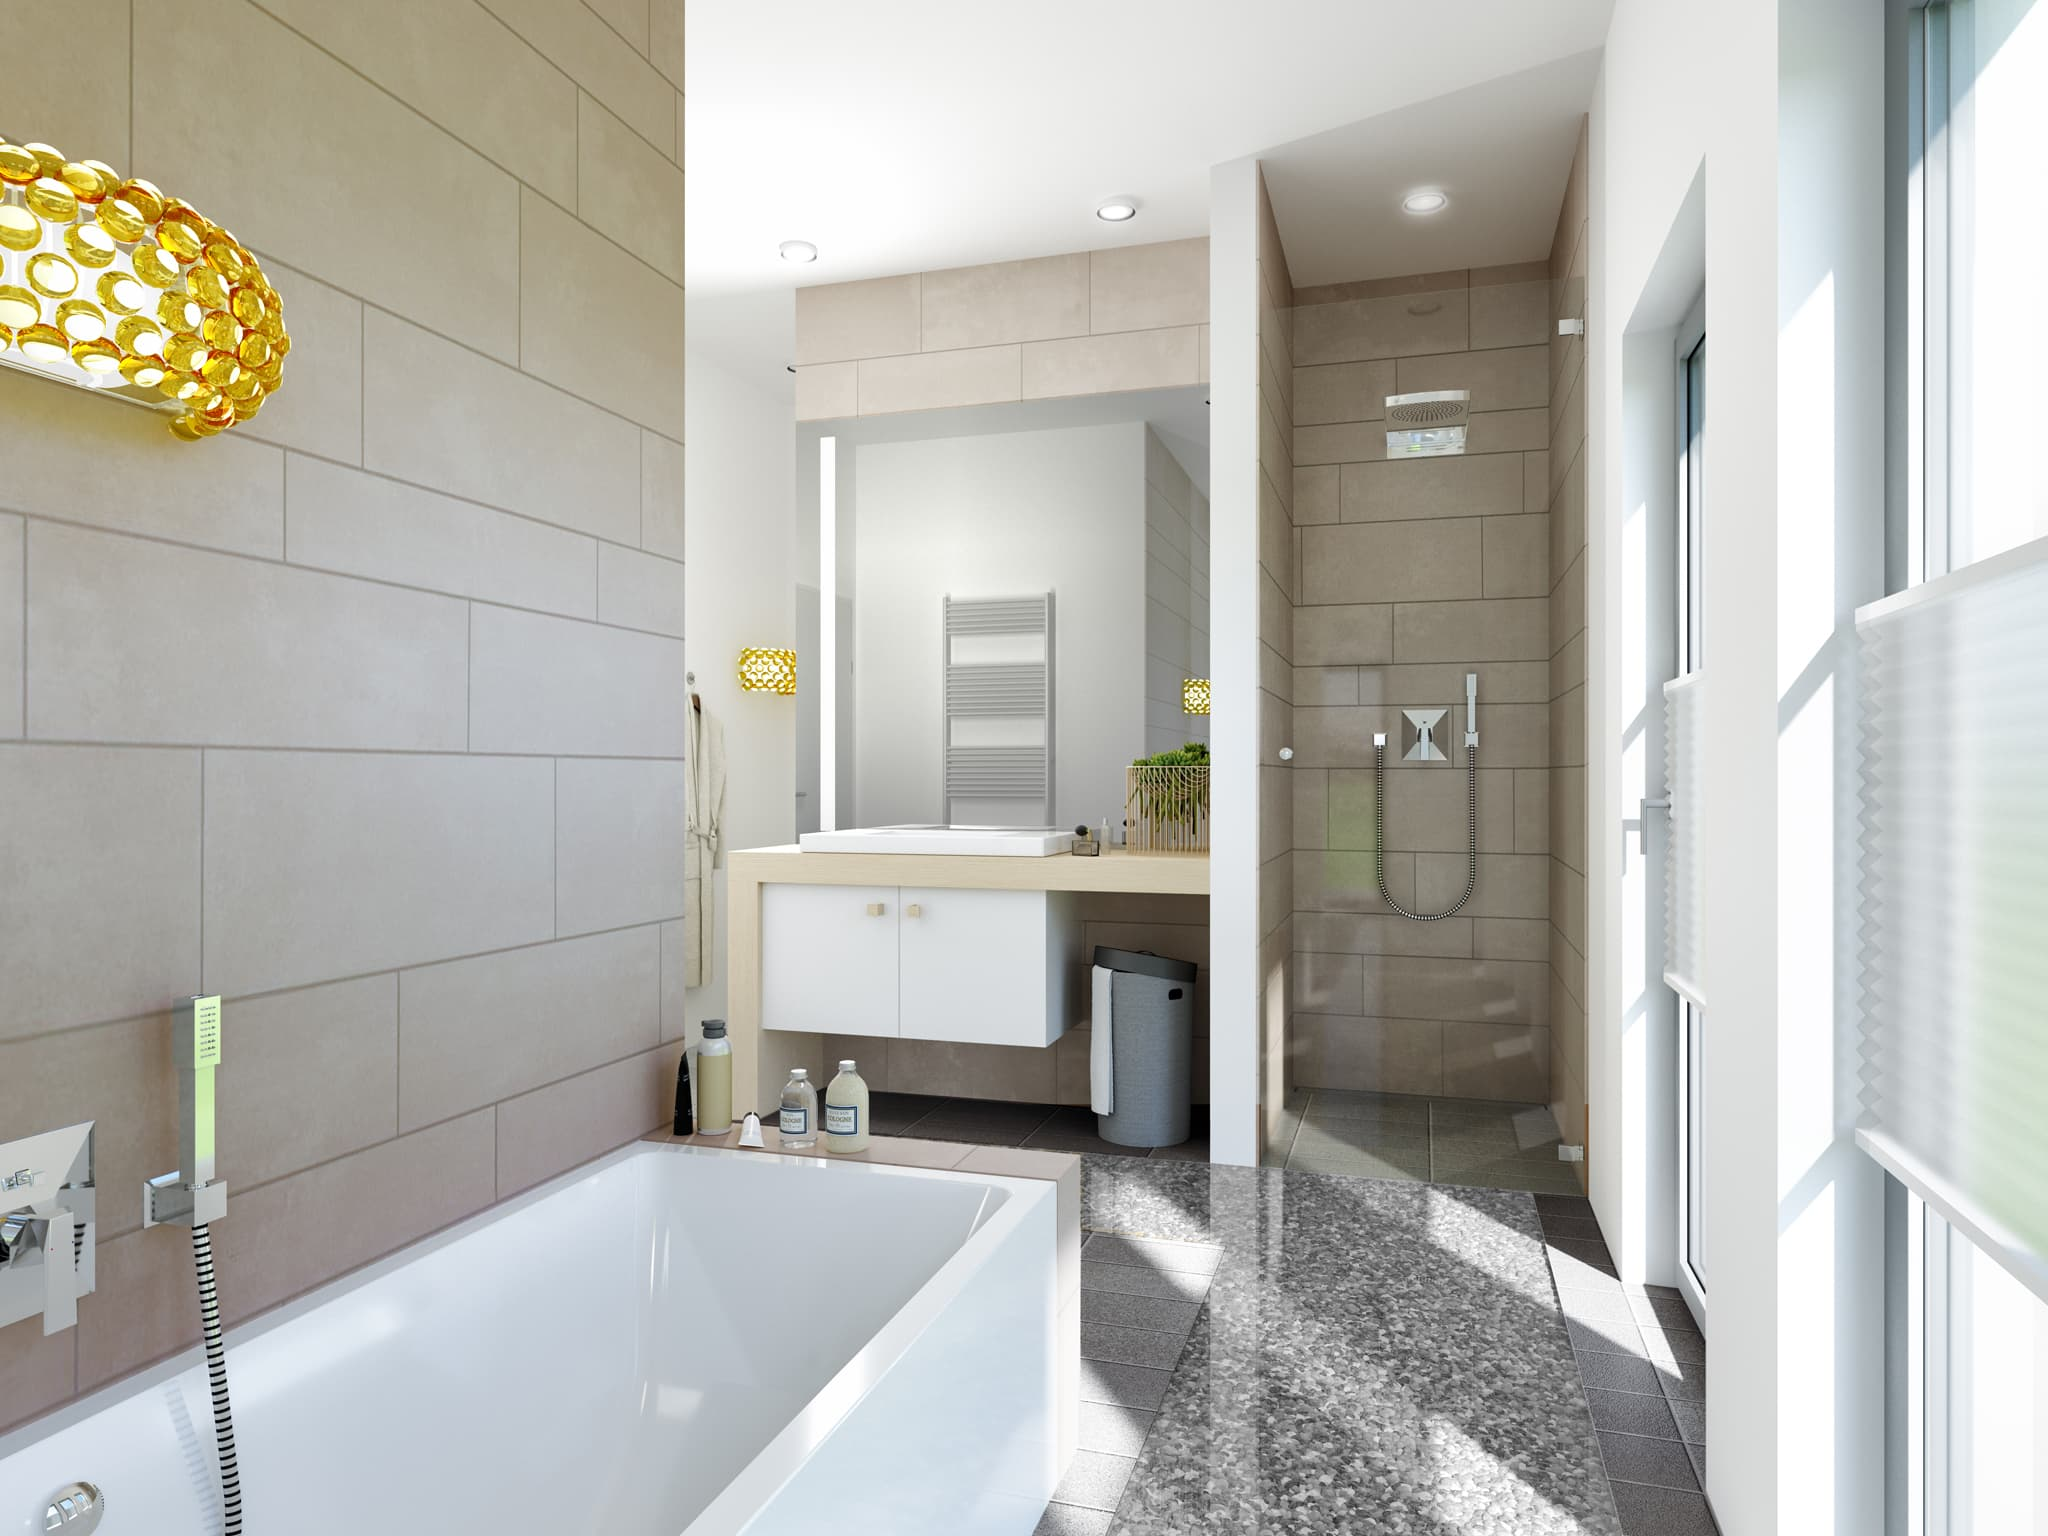 Badezimmer modern - Ideen Inneneinrichtung Haus Bien Zenker Fertighaus FANTASTIC 161 V6 - HausbauDirekt.de